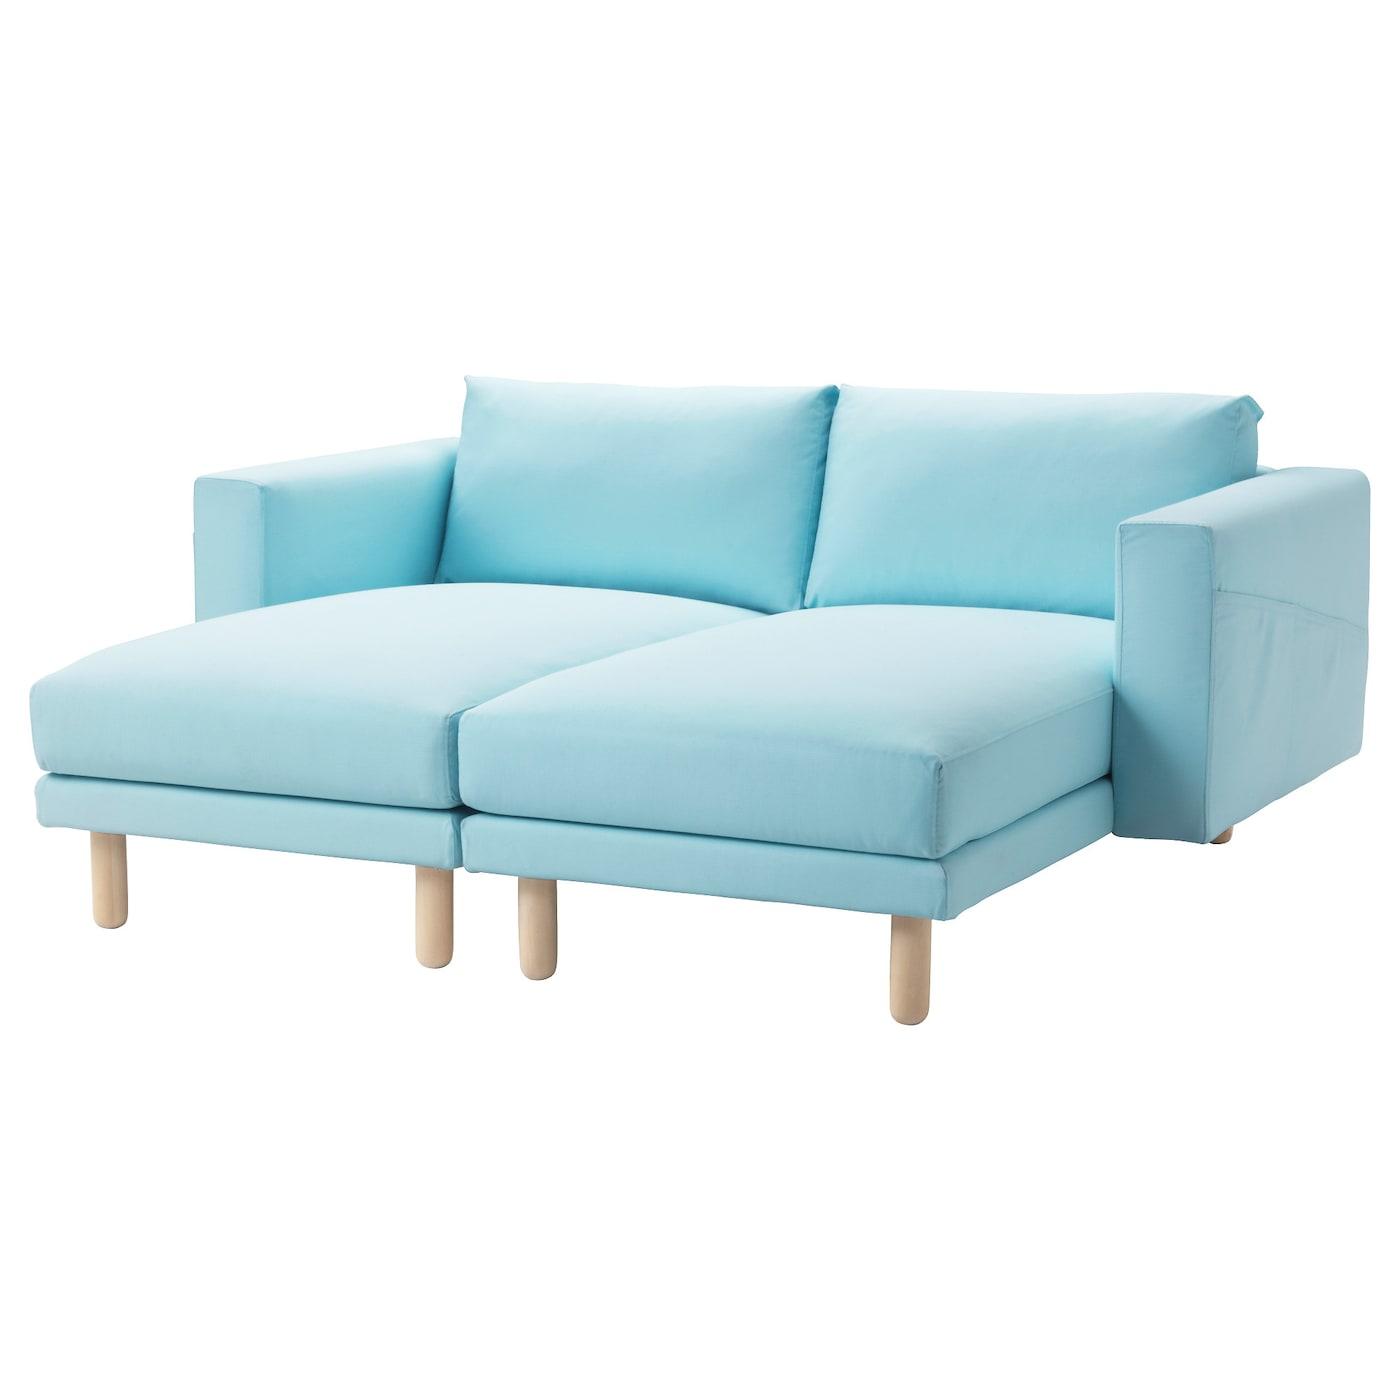 recamieren online kaufen m bel suchmaschine. Black Bedroom Furniture Sets. Home Design Ideas